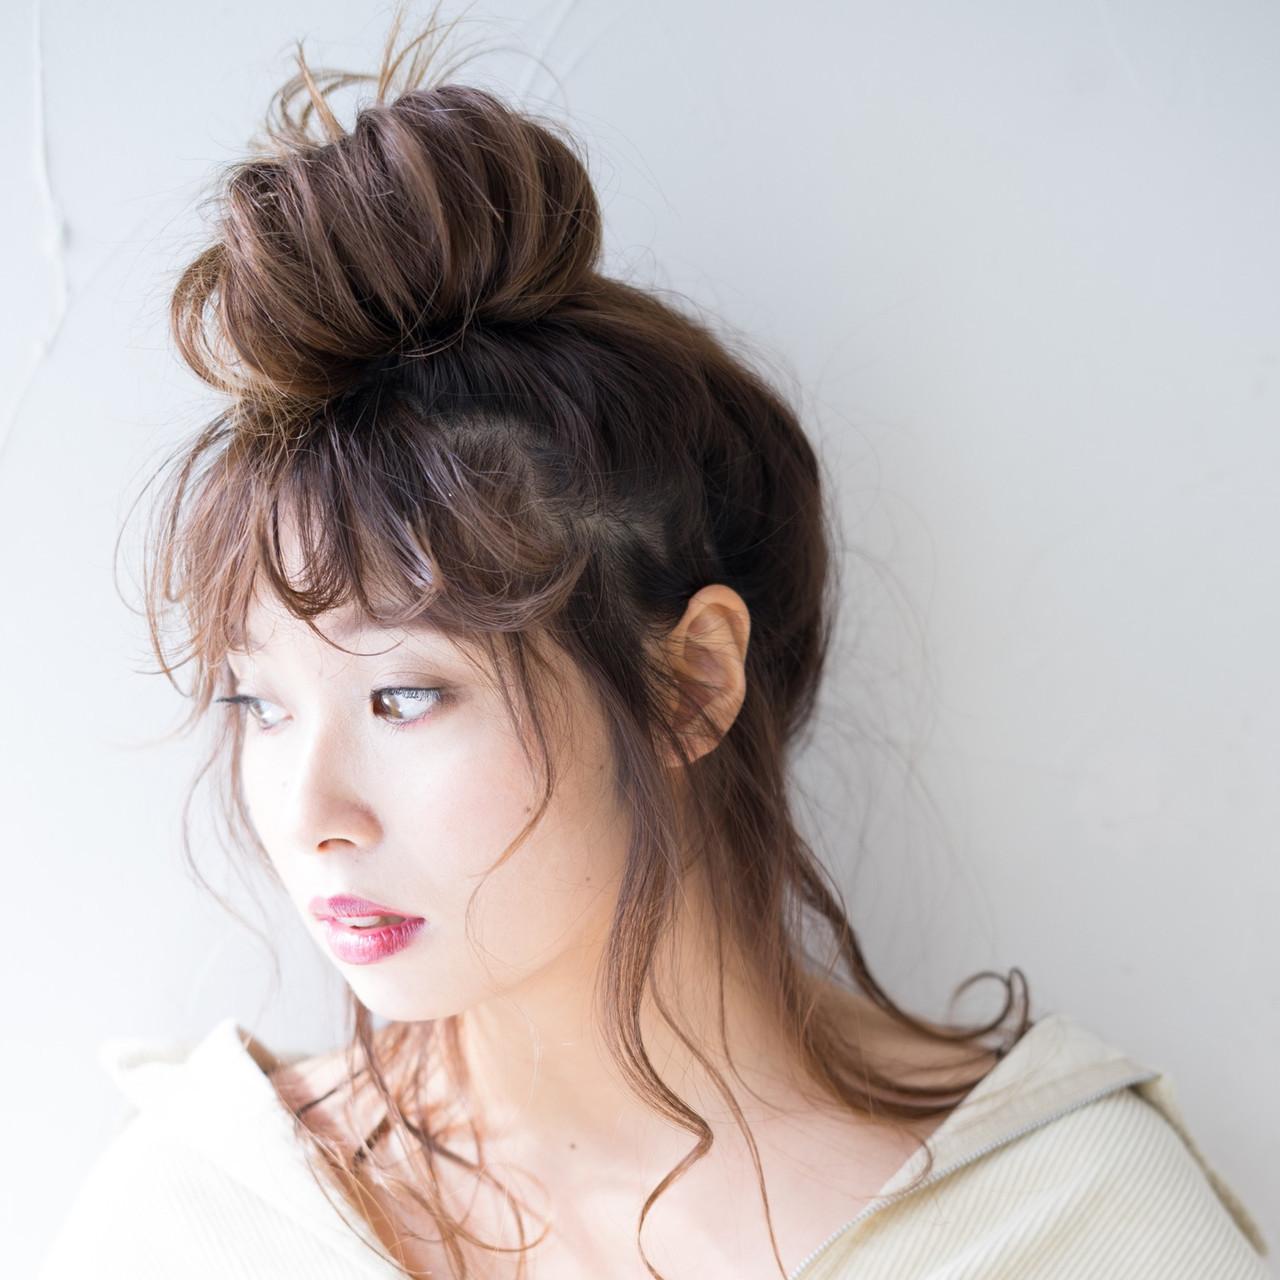 お団子アレンジ メッシーバン おだんご セミロング ヘアスタイルや髪型の写真・画像